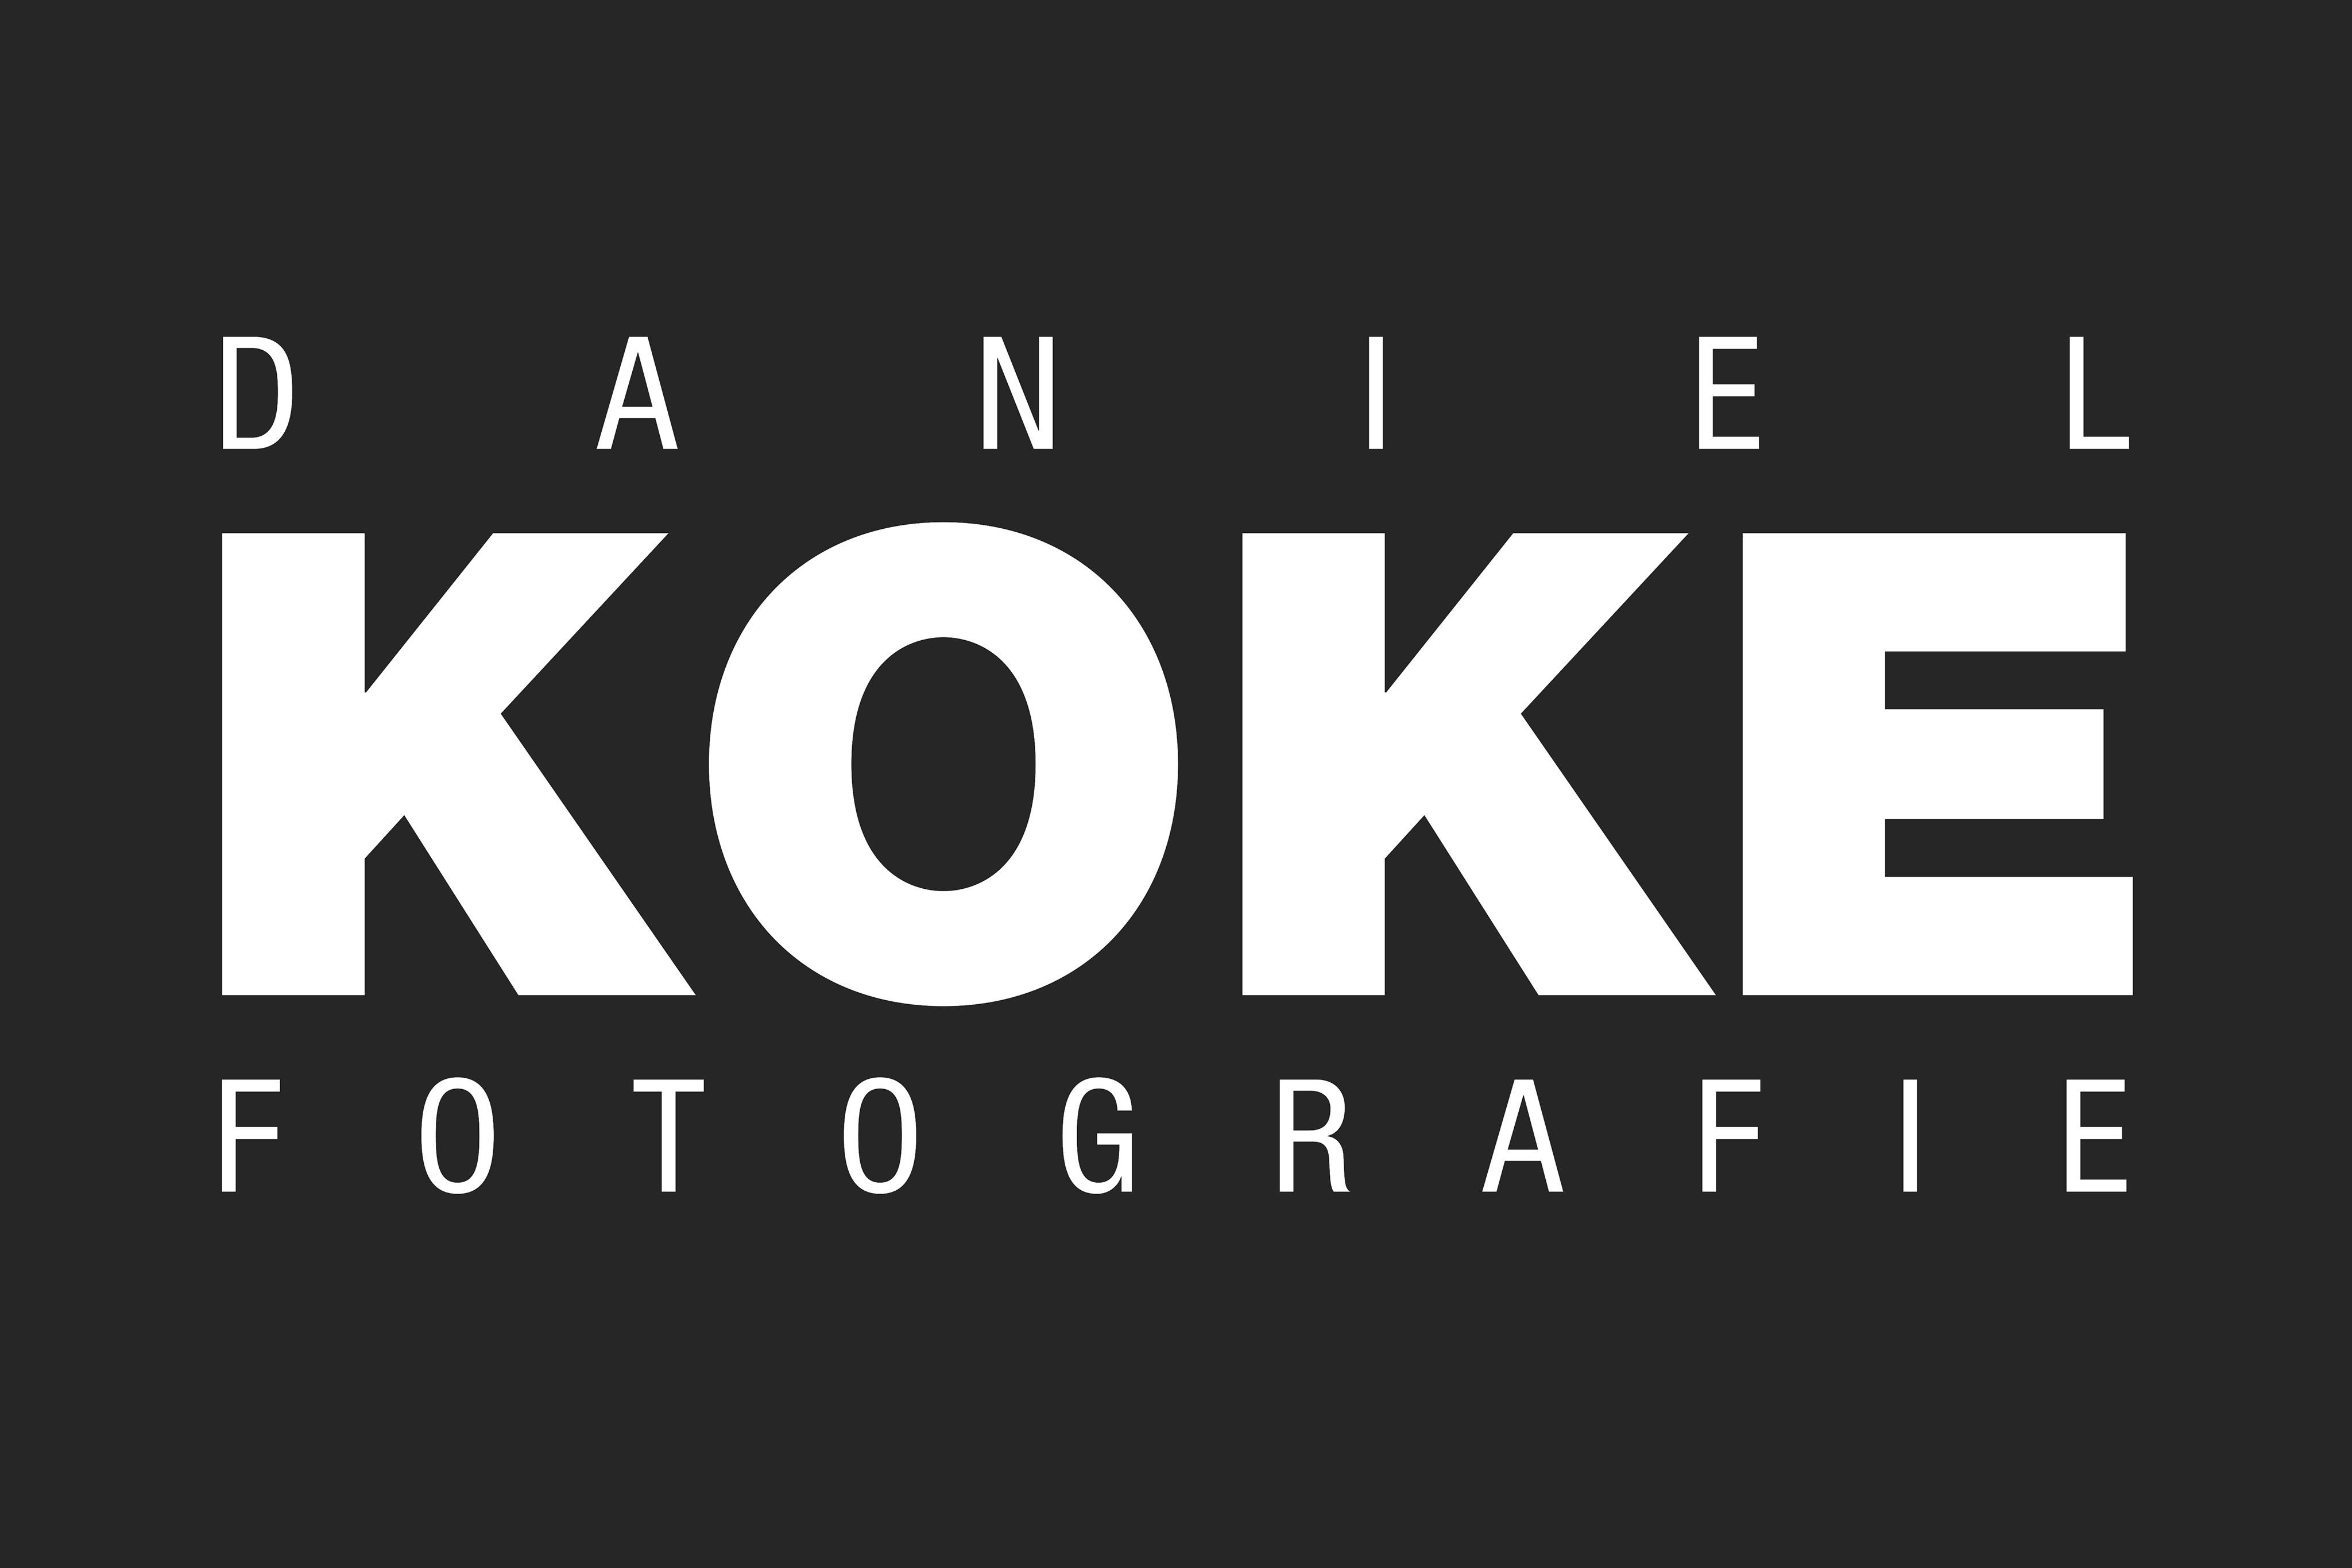 Daniel Koke